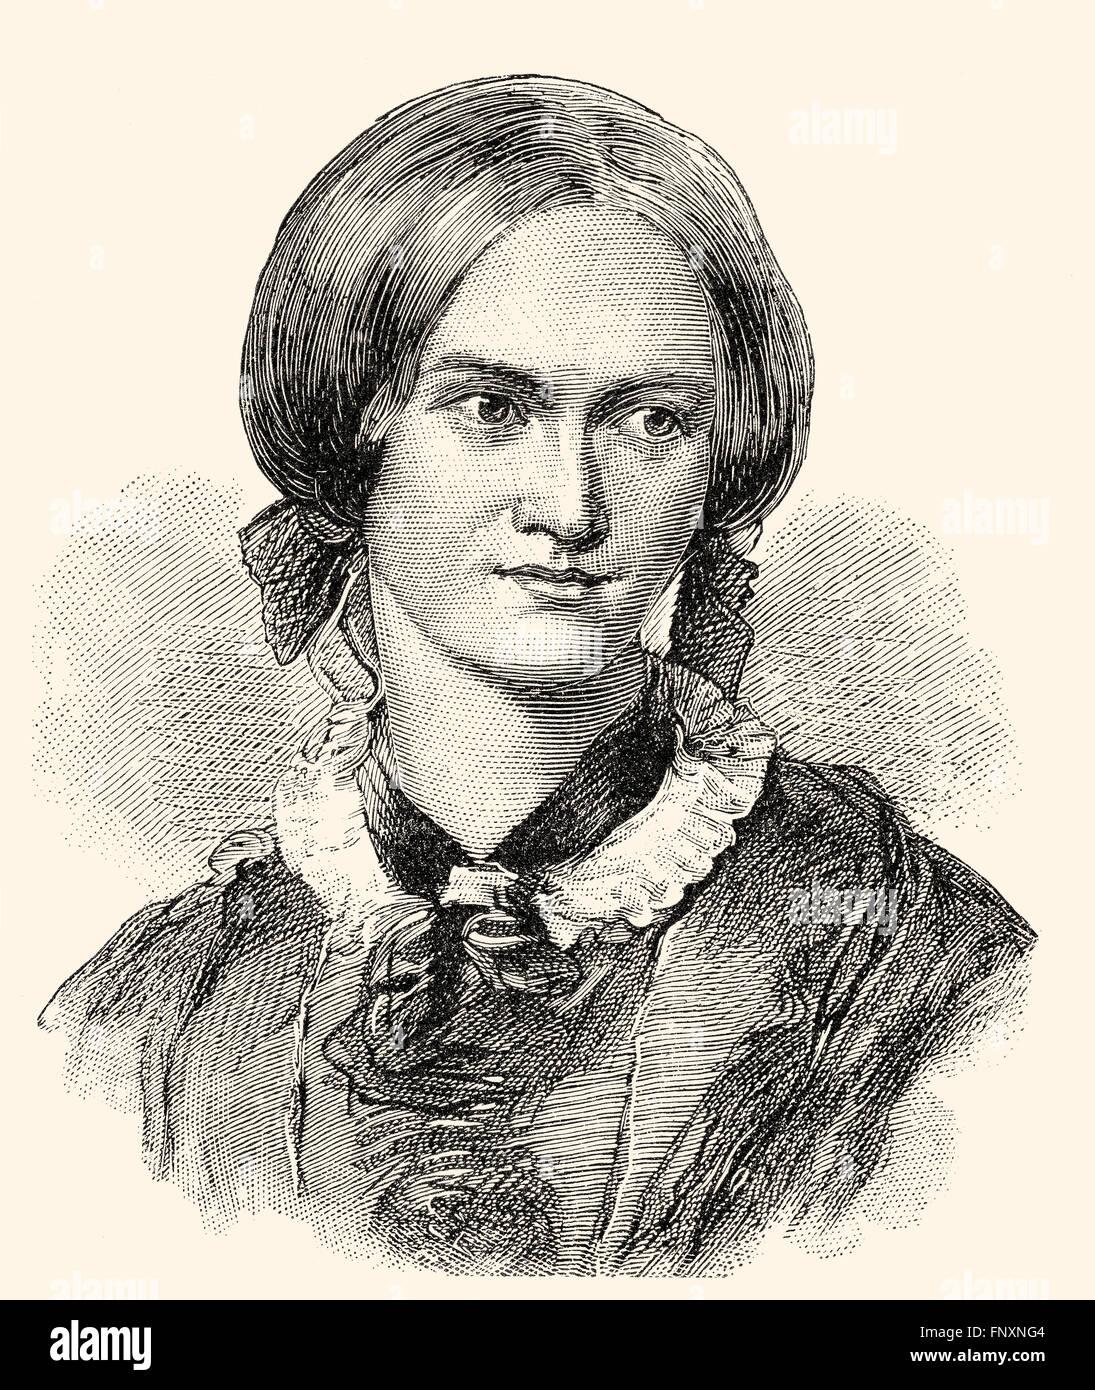 Charlotte Brontë, 1816-1855, an English novelist and poet, Stock Photo